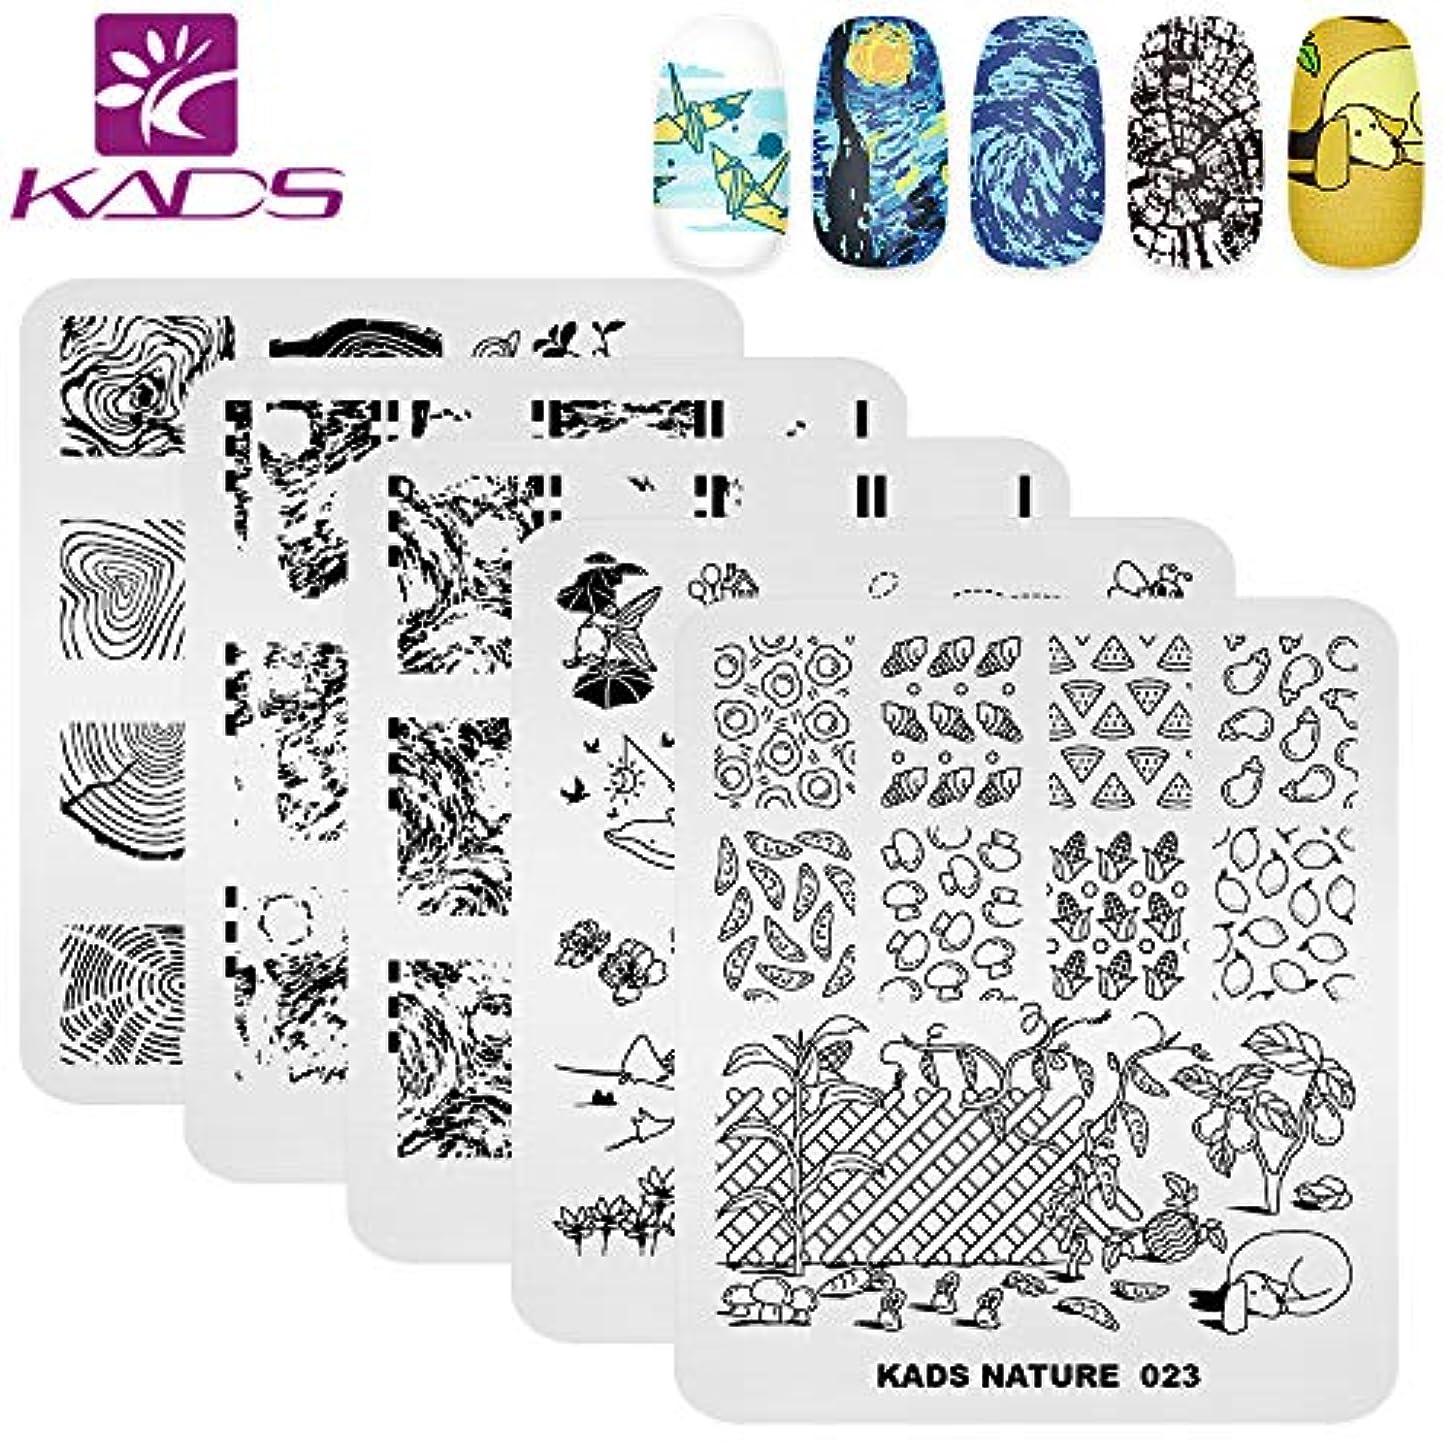 KADS ネイルスタンプ5枚セット 美しい海/可愛い犬/木模様 ネイルイメージプレード 美しい花模様 ネイルアートツール ネイルデザイン用品 (セット3)